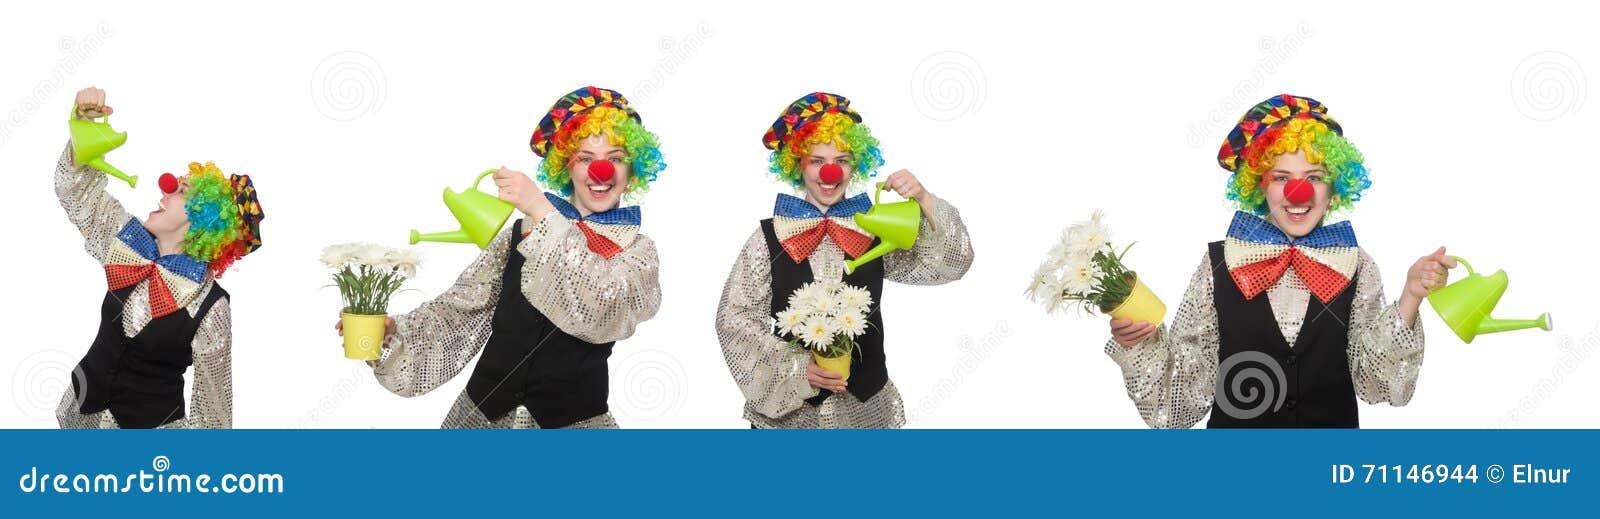 Der weibliche Clown mit Gießkanne